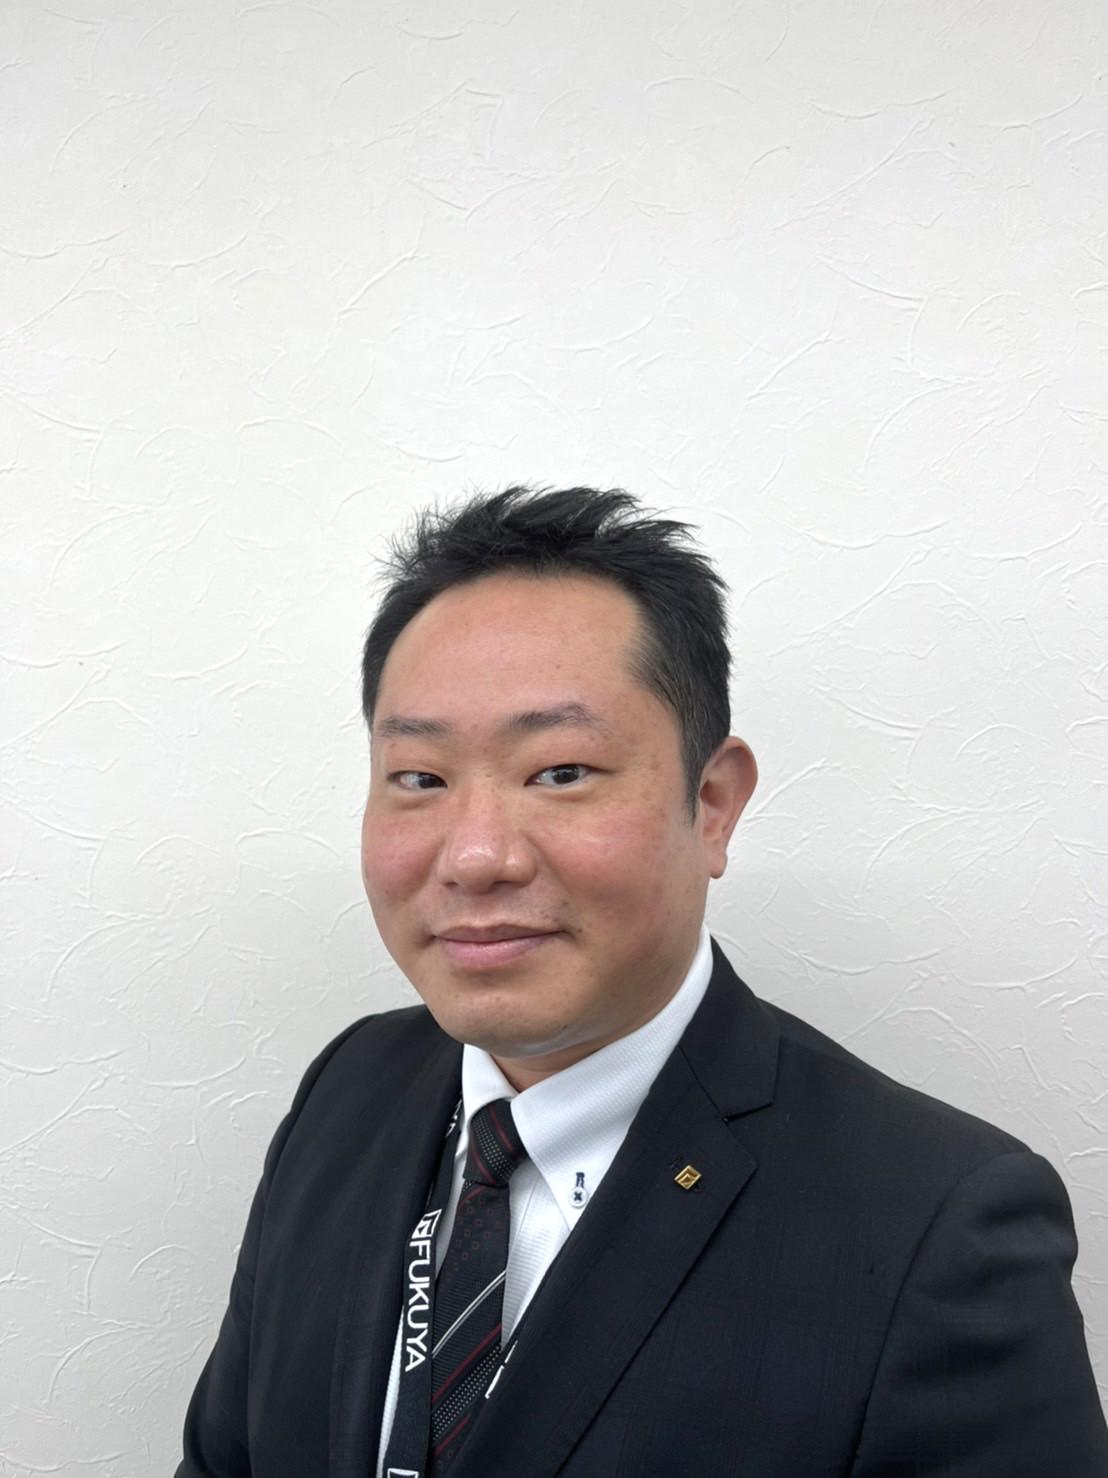 本木 嘉暁 (もとき よしあき)